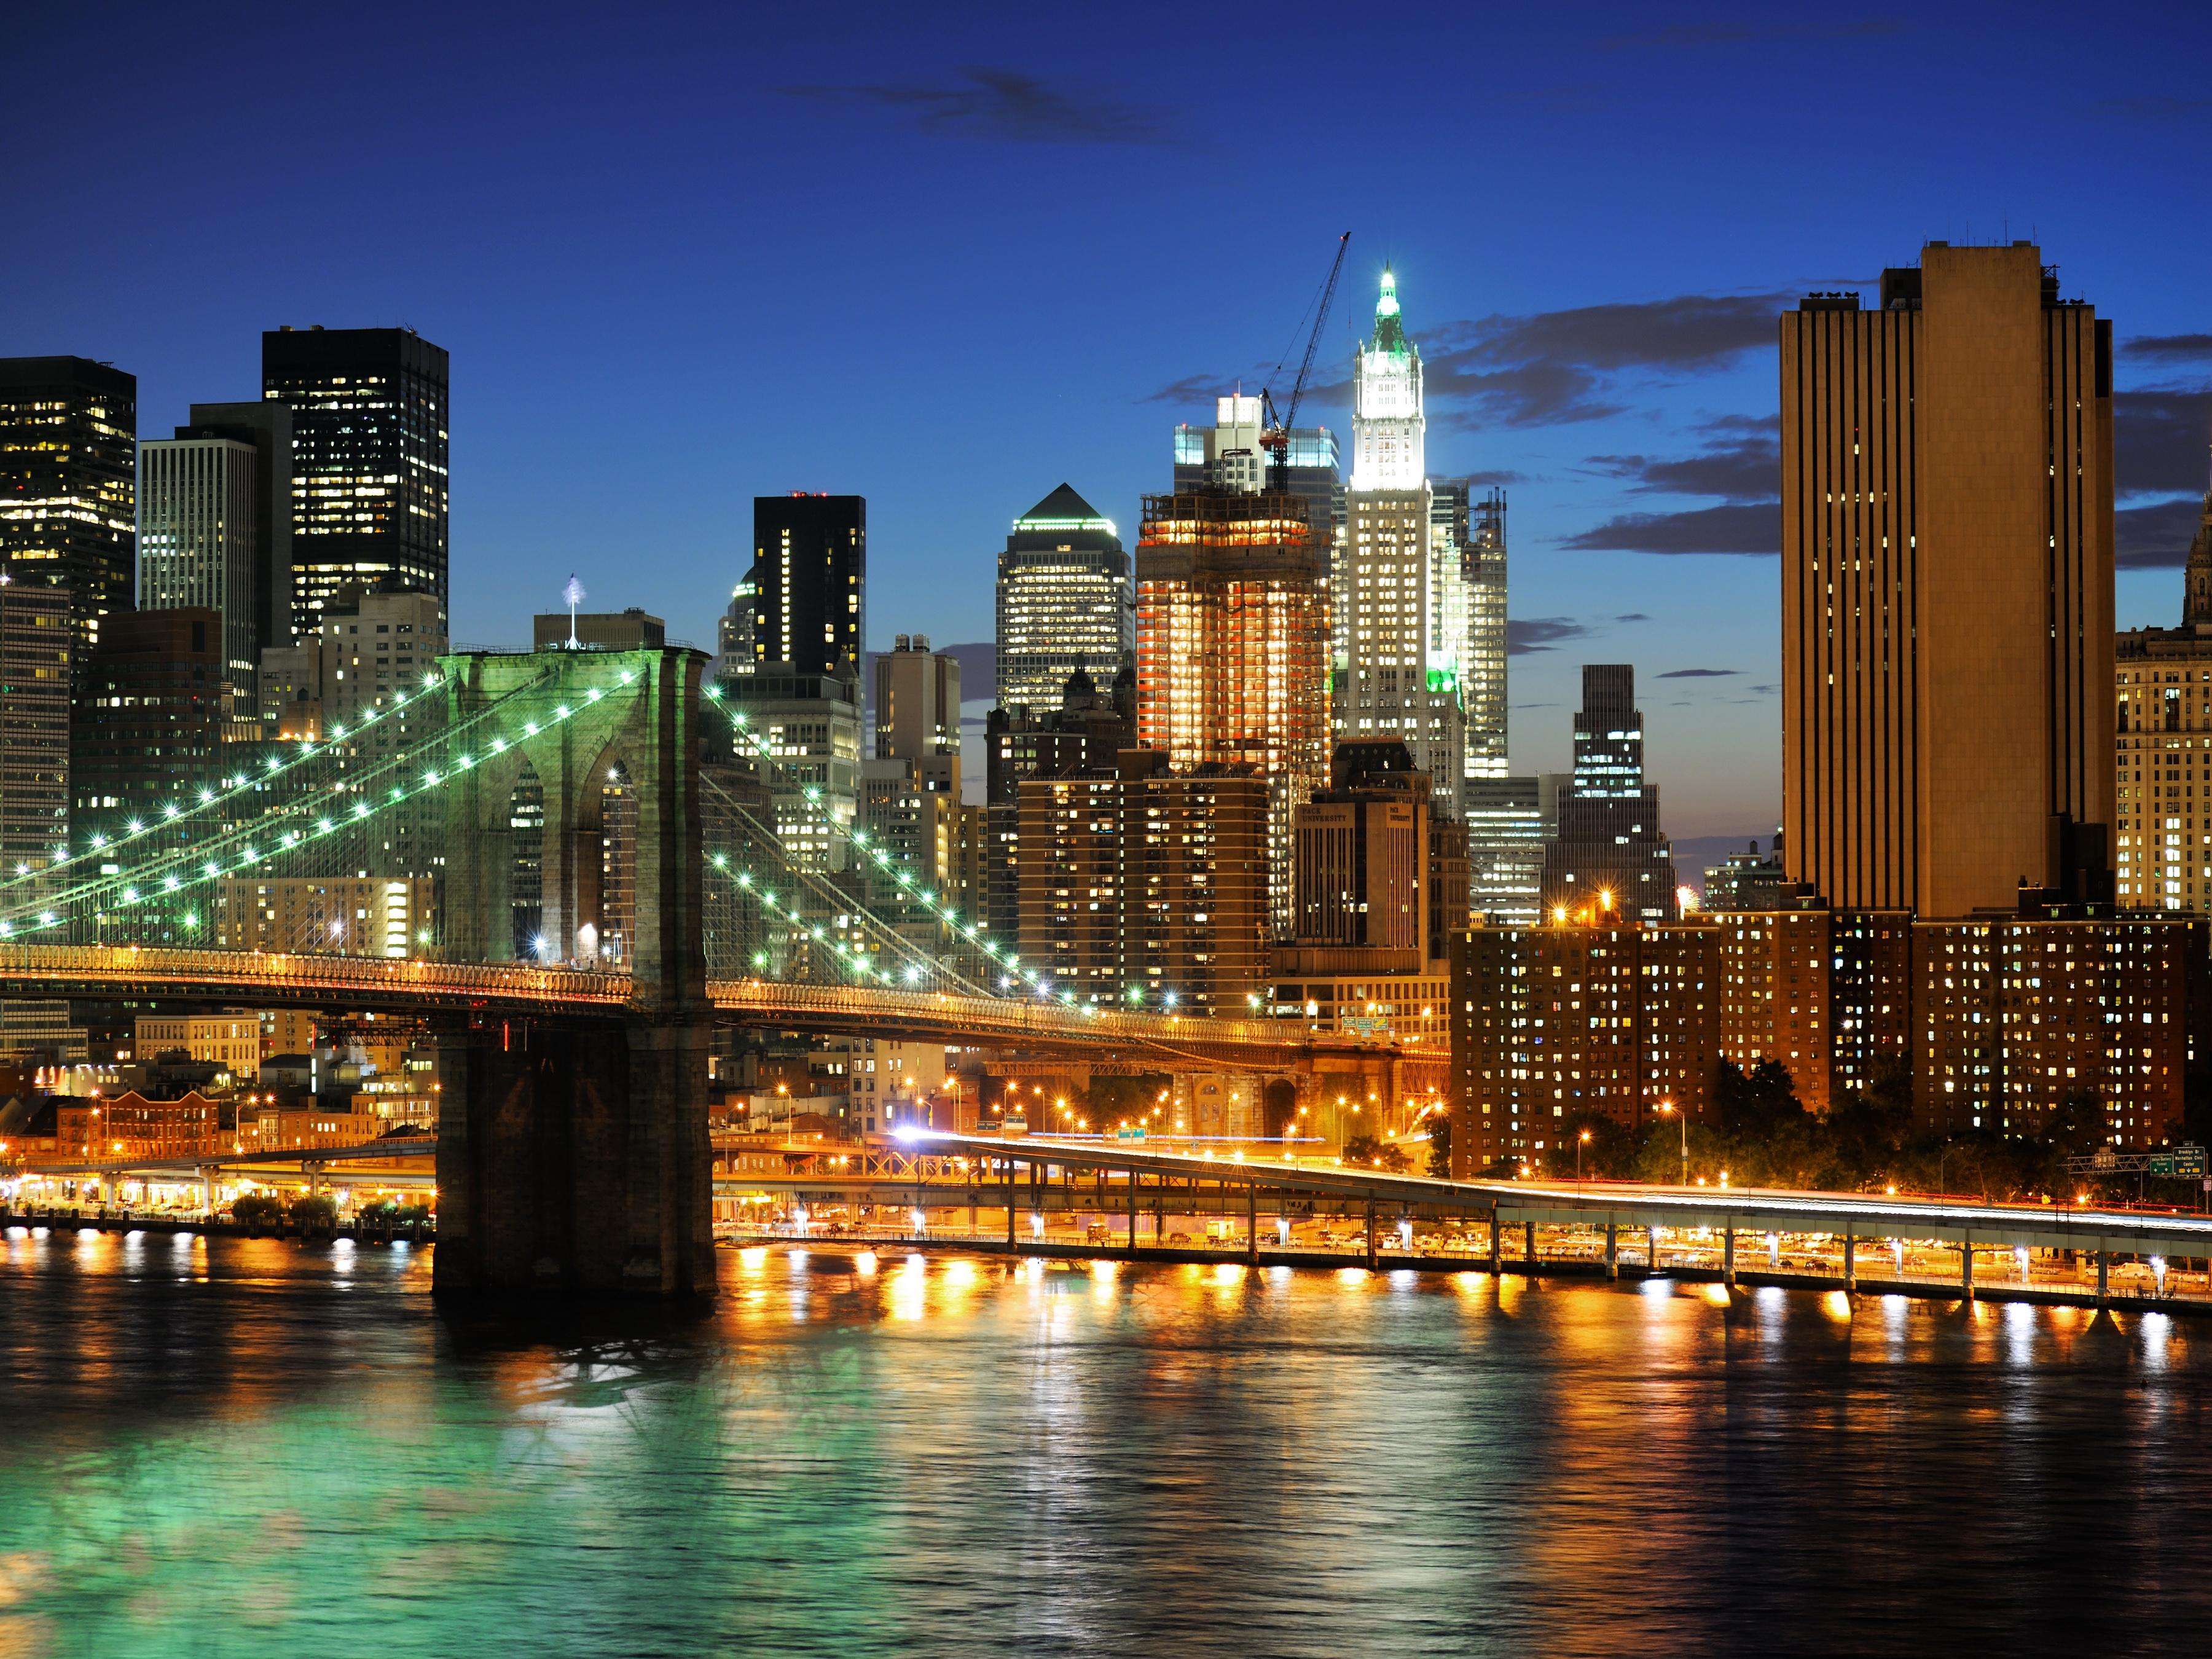 страны архитектура Бруклинский мост река ночь США Нью-Йорк скачать